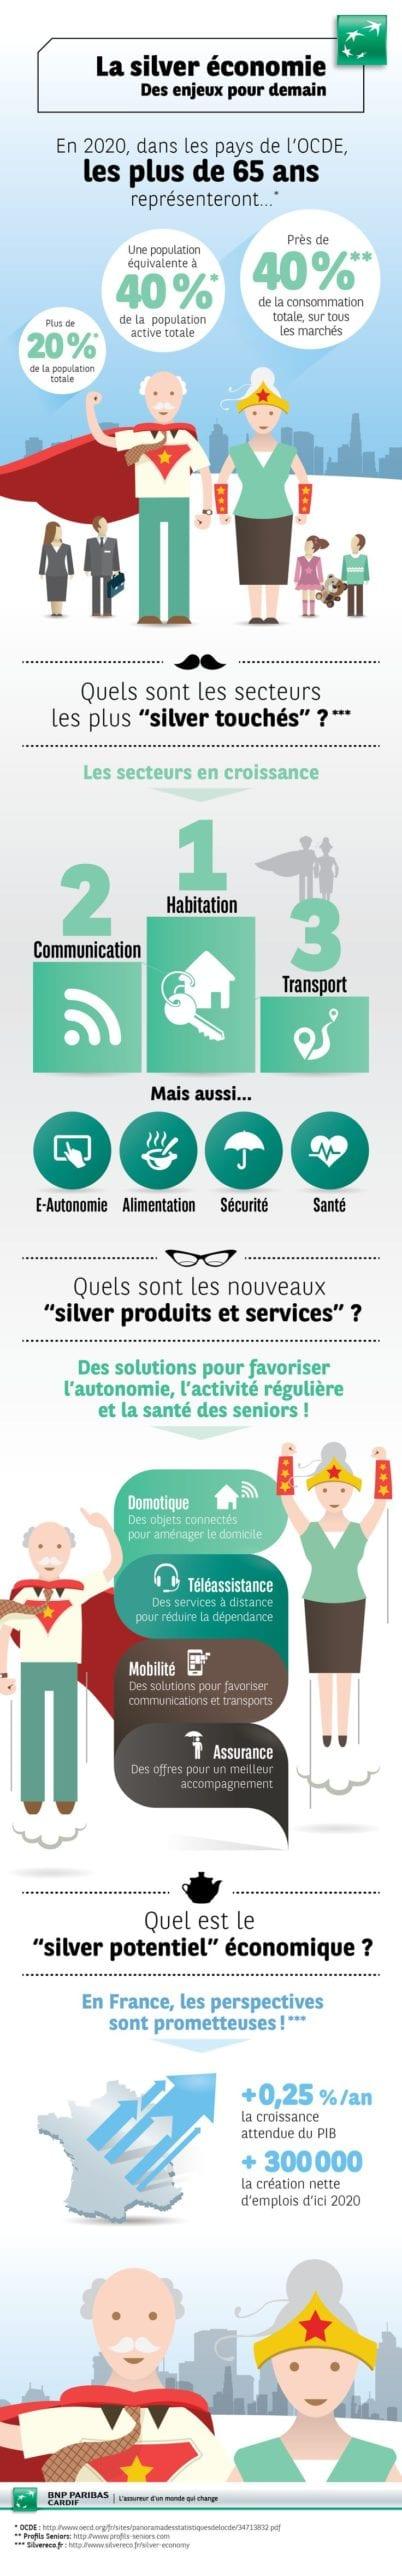 Infographie SILVER ECONOMIE BNP